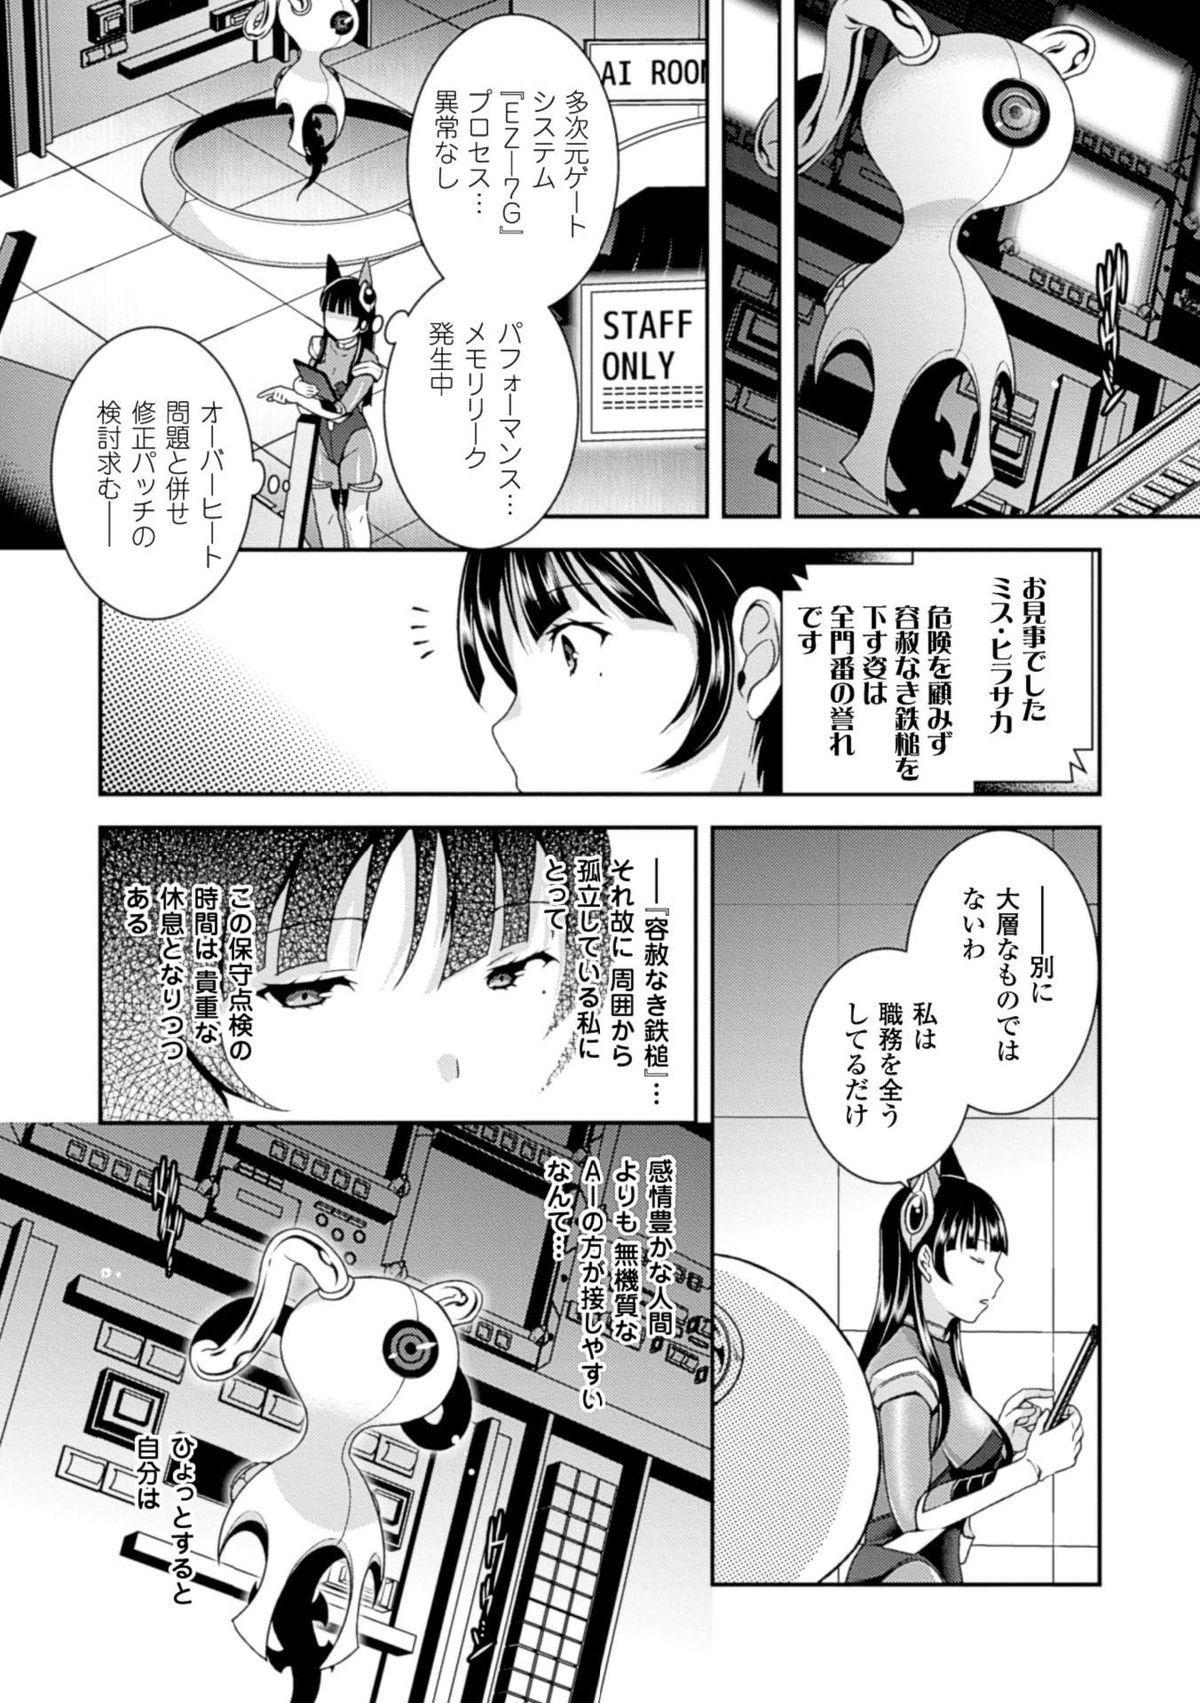 Kikaikan de Monzetsu Iki Jigoku! Vol. 1 5